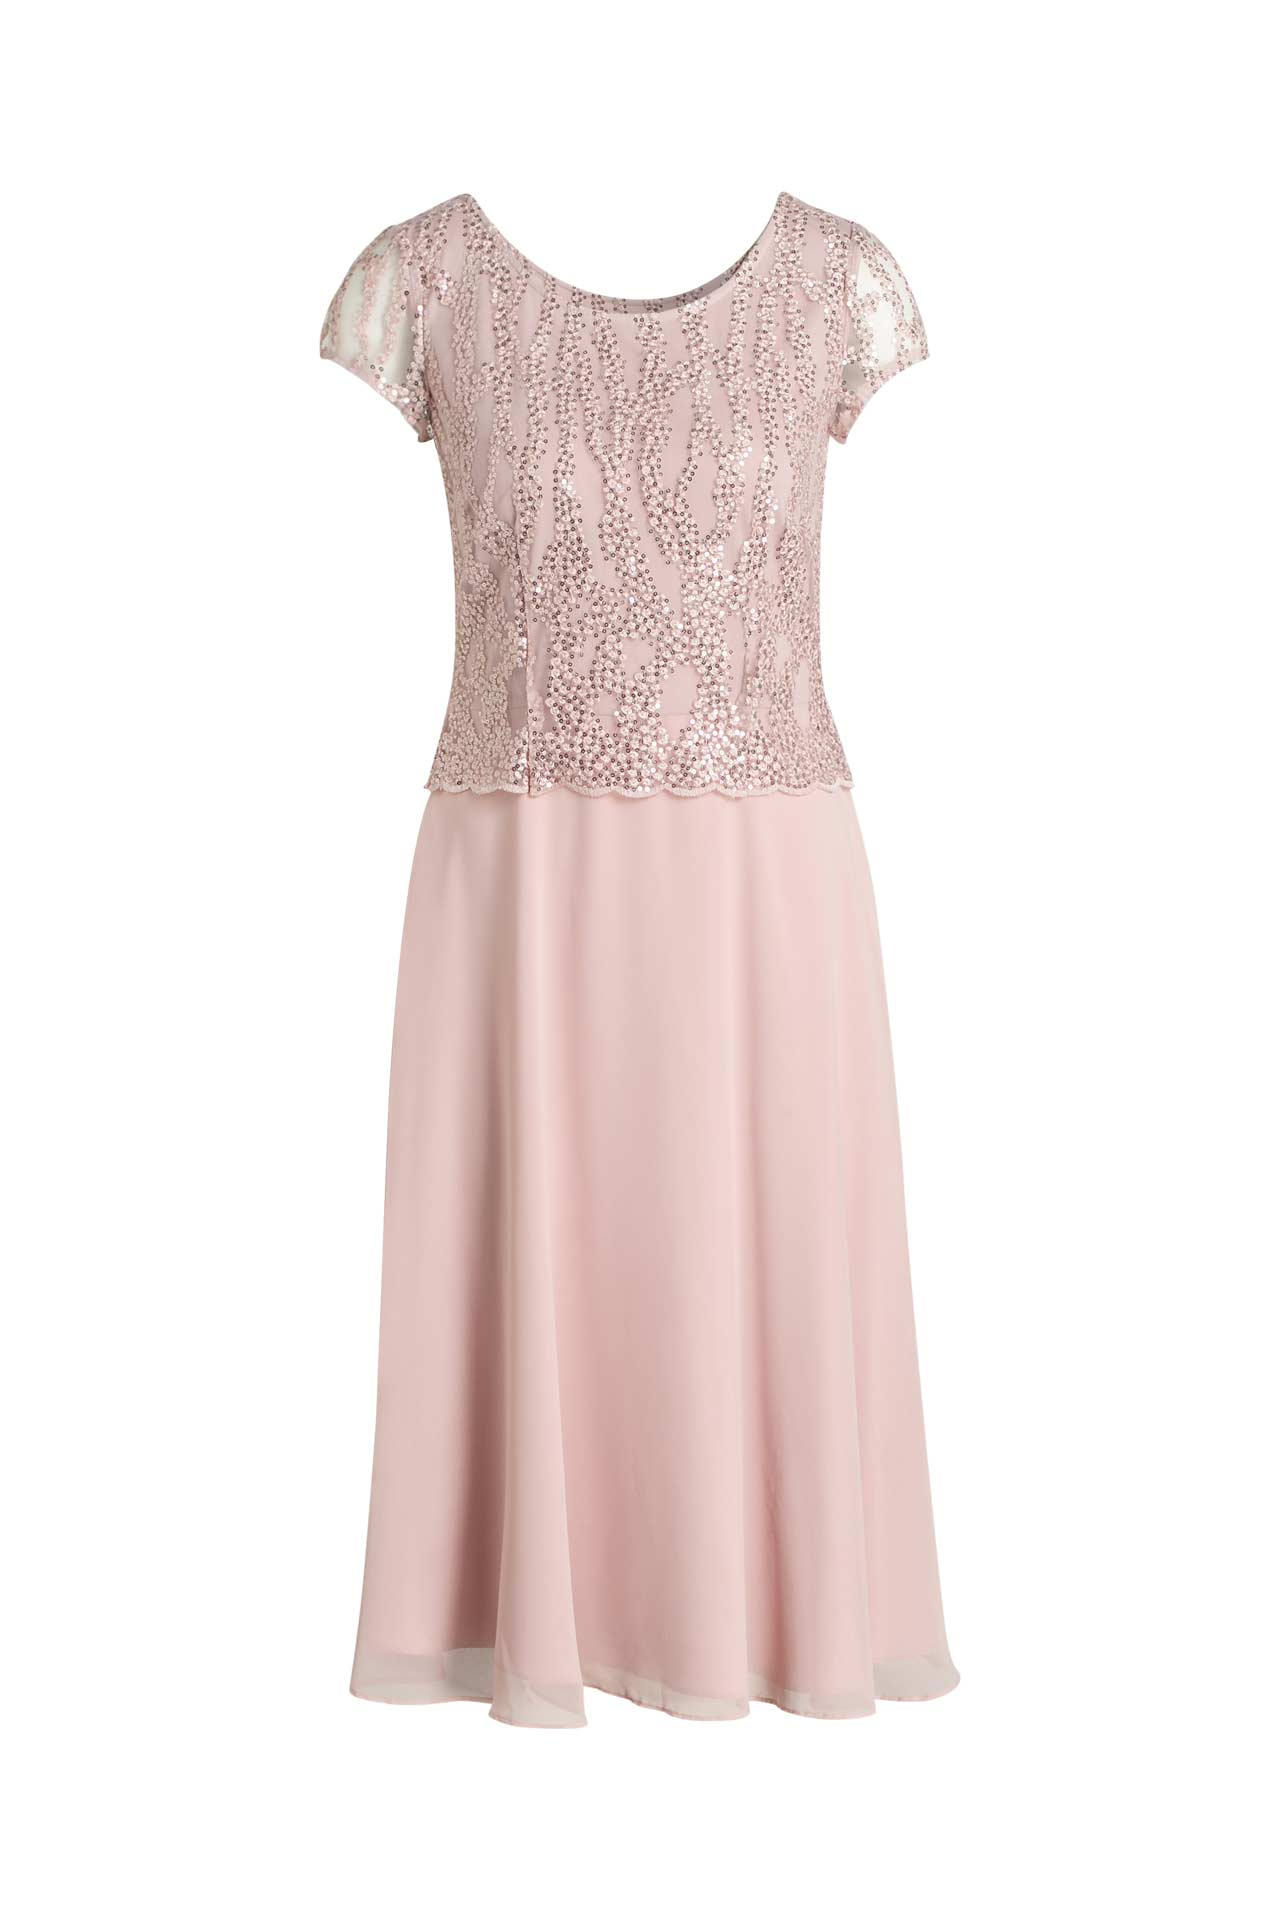 Kleid rosa - VERA MONT » günstig online kaufen ...